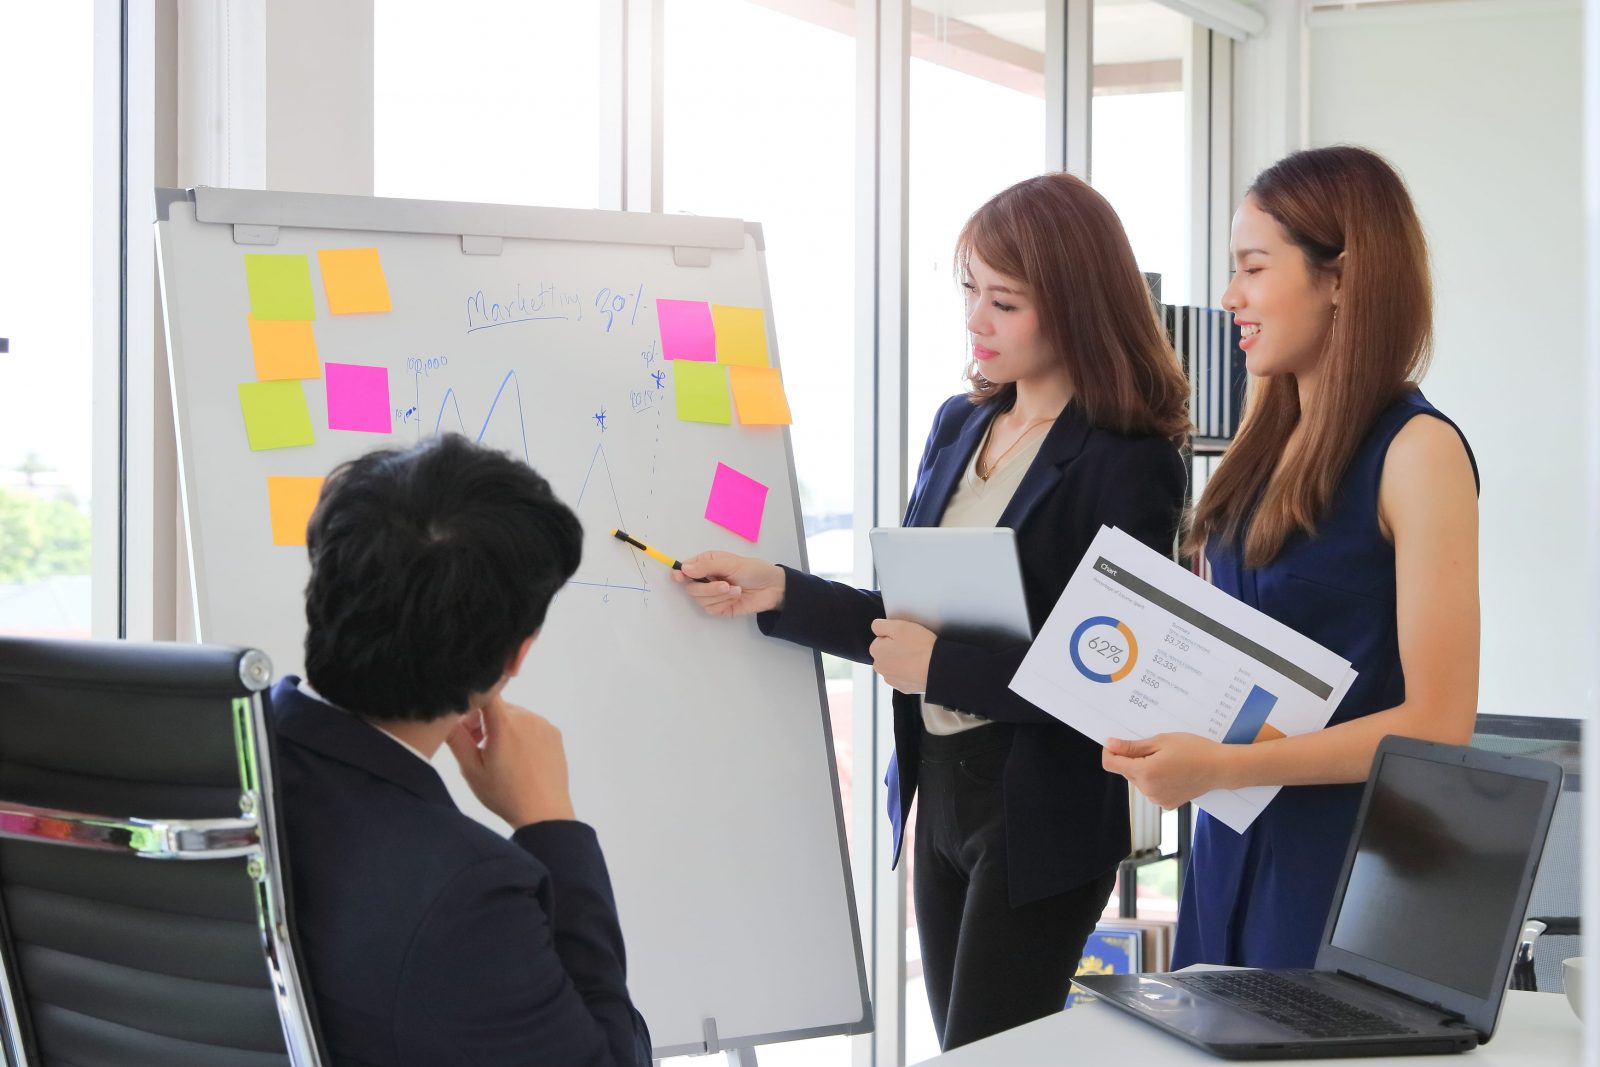 3 Kesalahan dalam Melakukan Penilaian Kinerja Karyawan yang Harus Dihindari